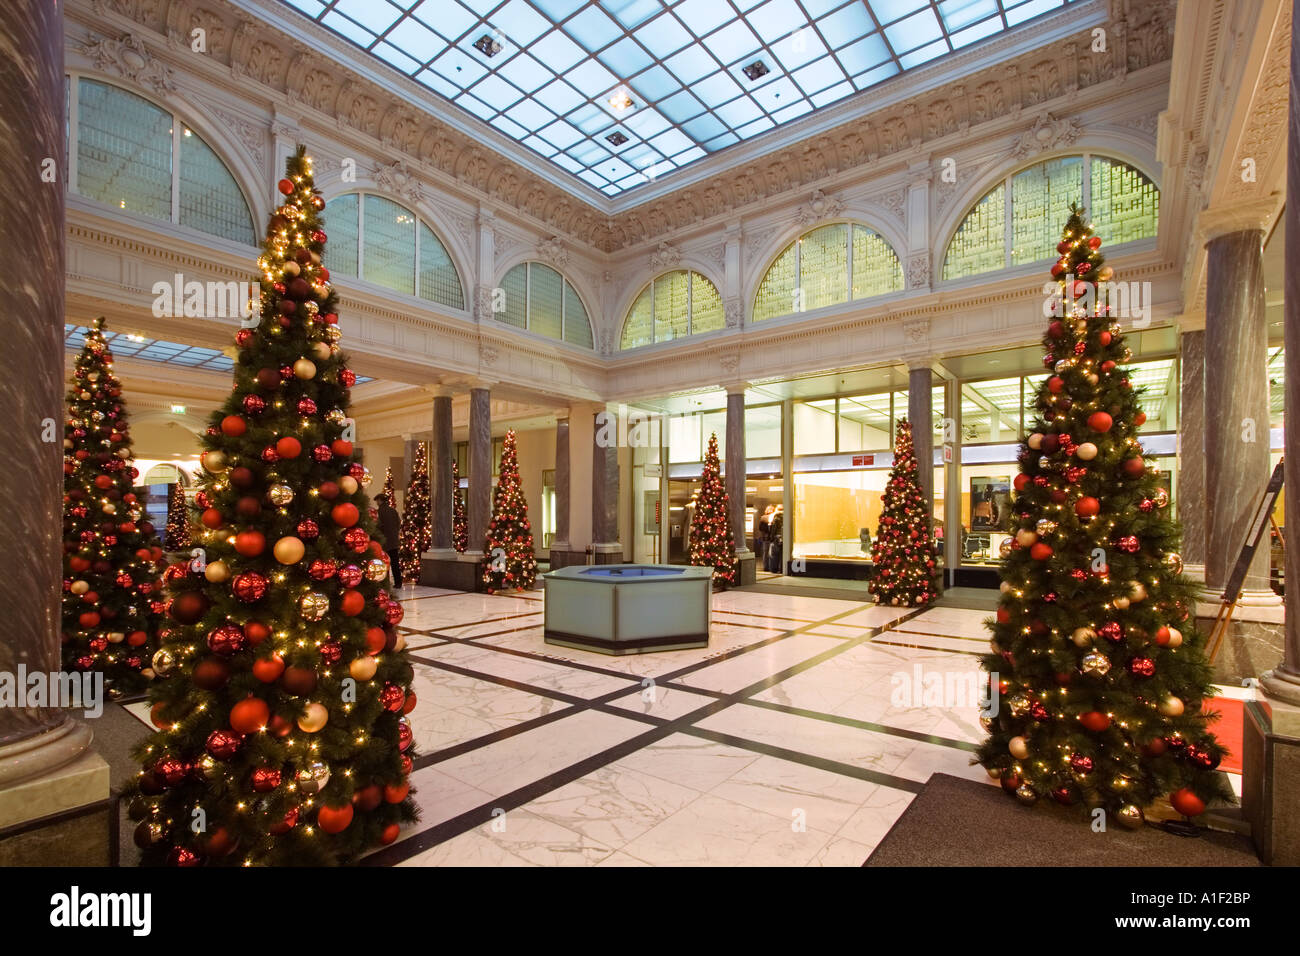 Zurich Bank Credit Suisse interieur christmas tree Zuerich Credit ...